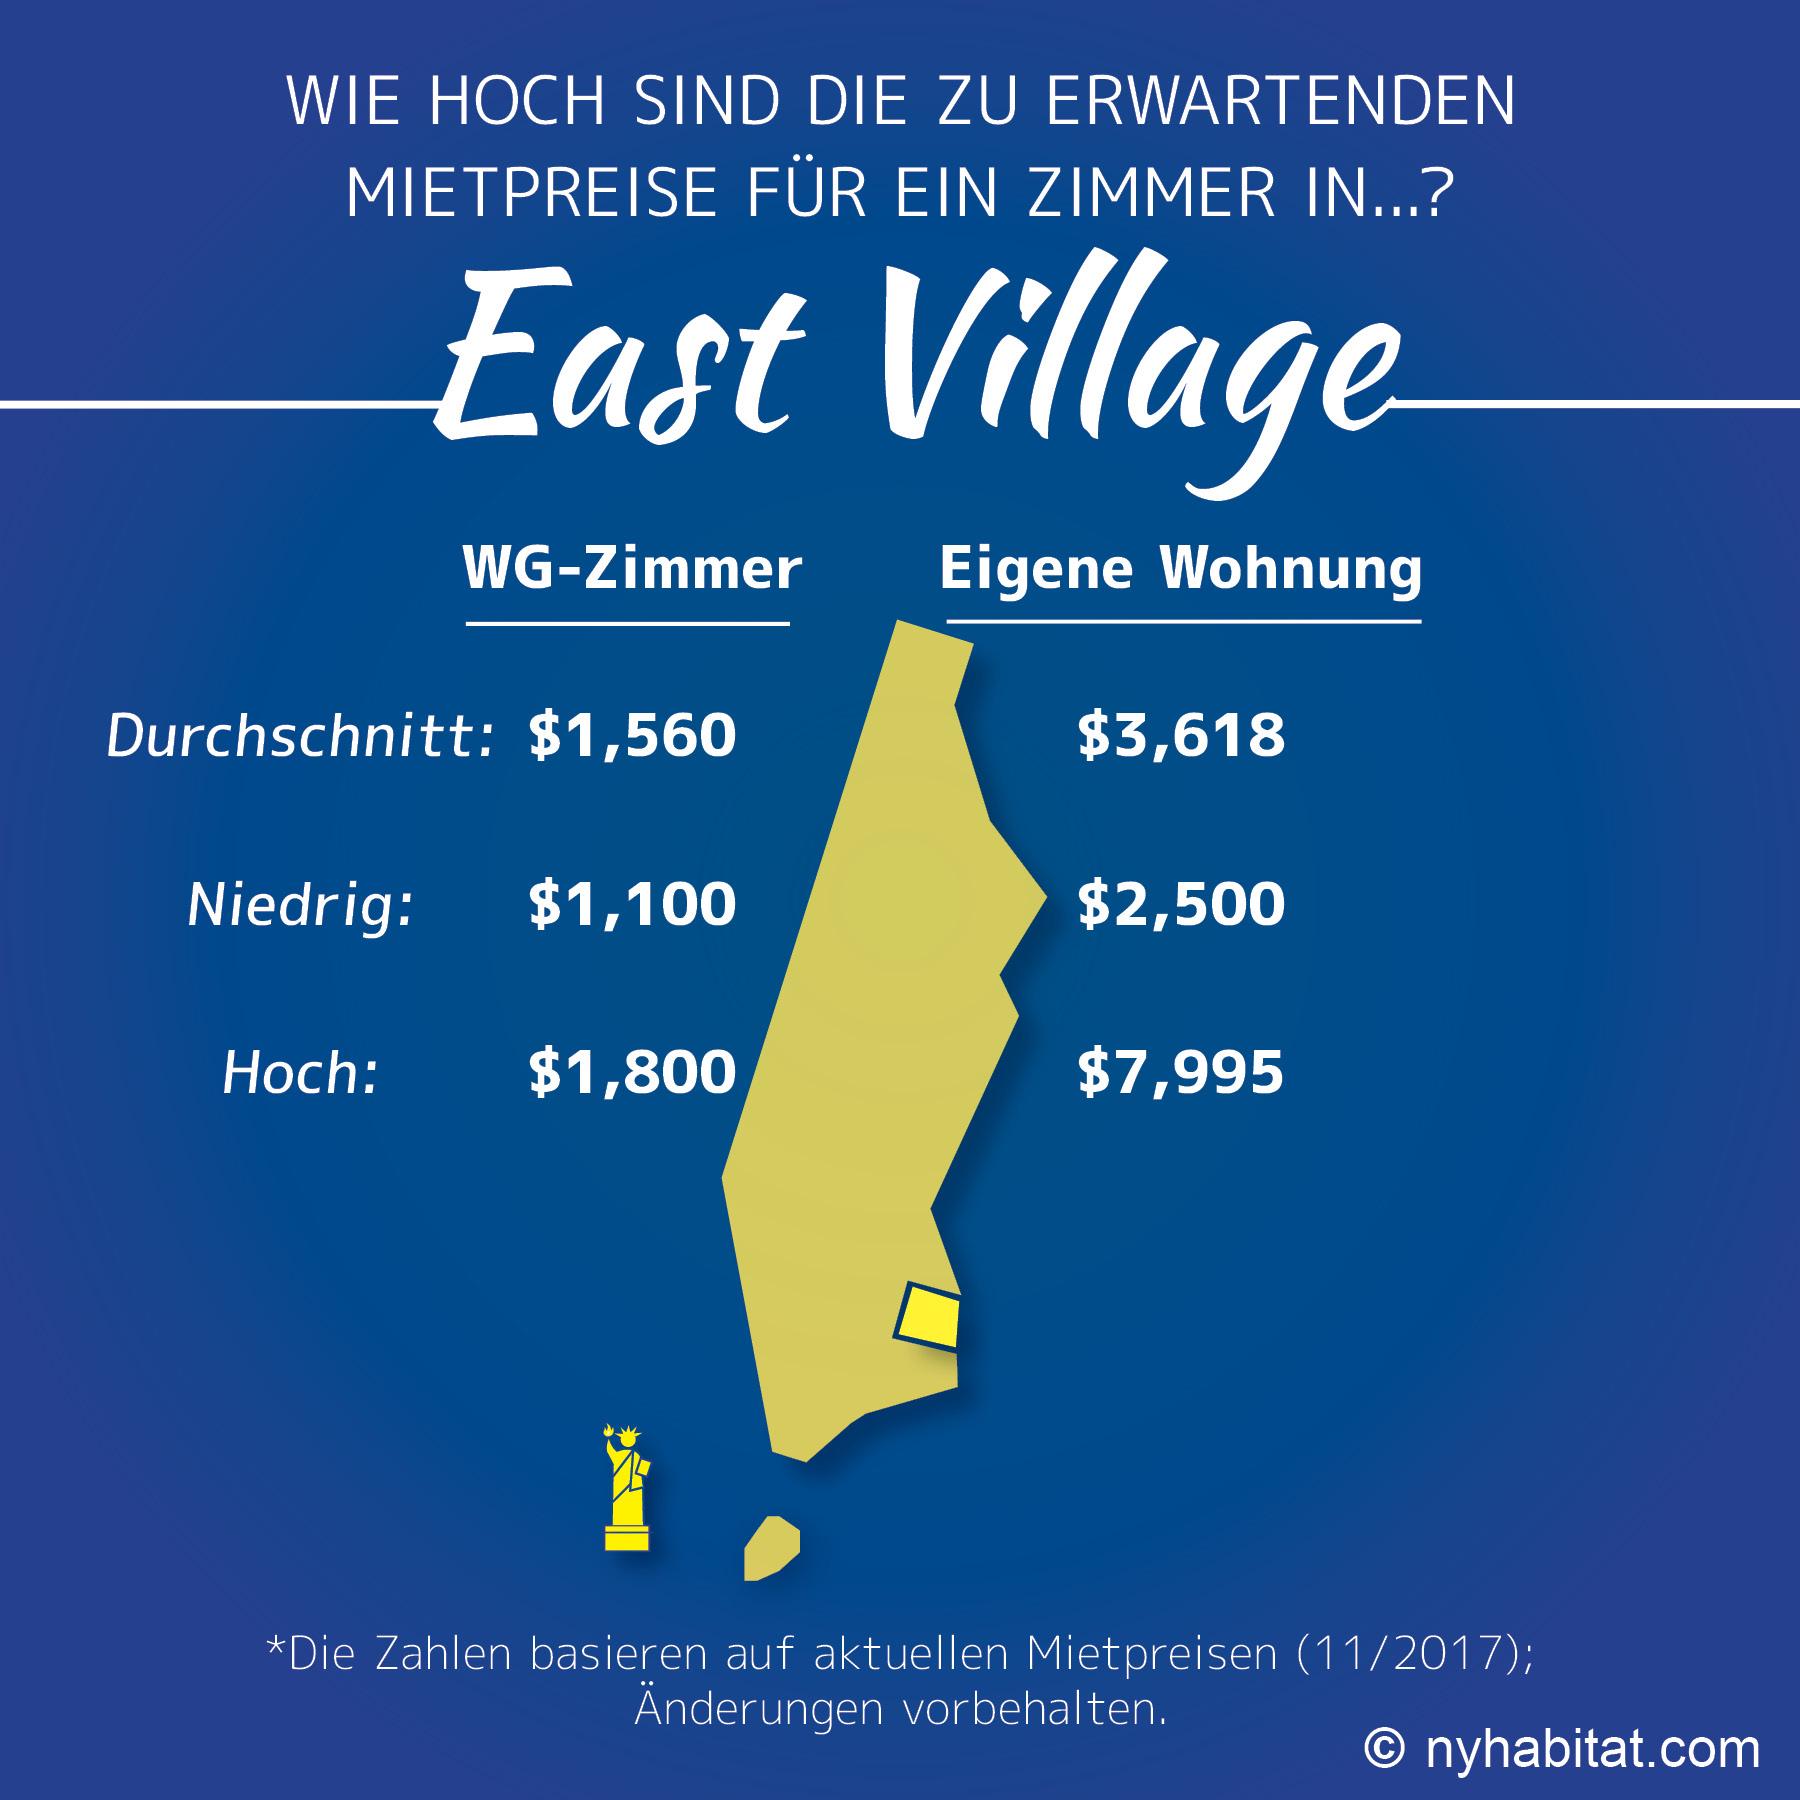 Infografik zu Zimmer- und Wohnungspreisen im East Village